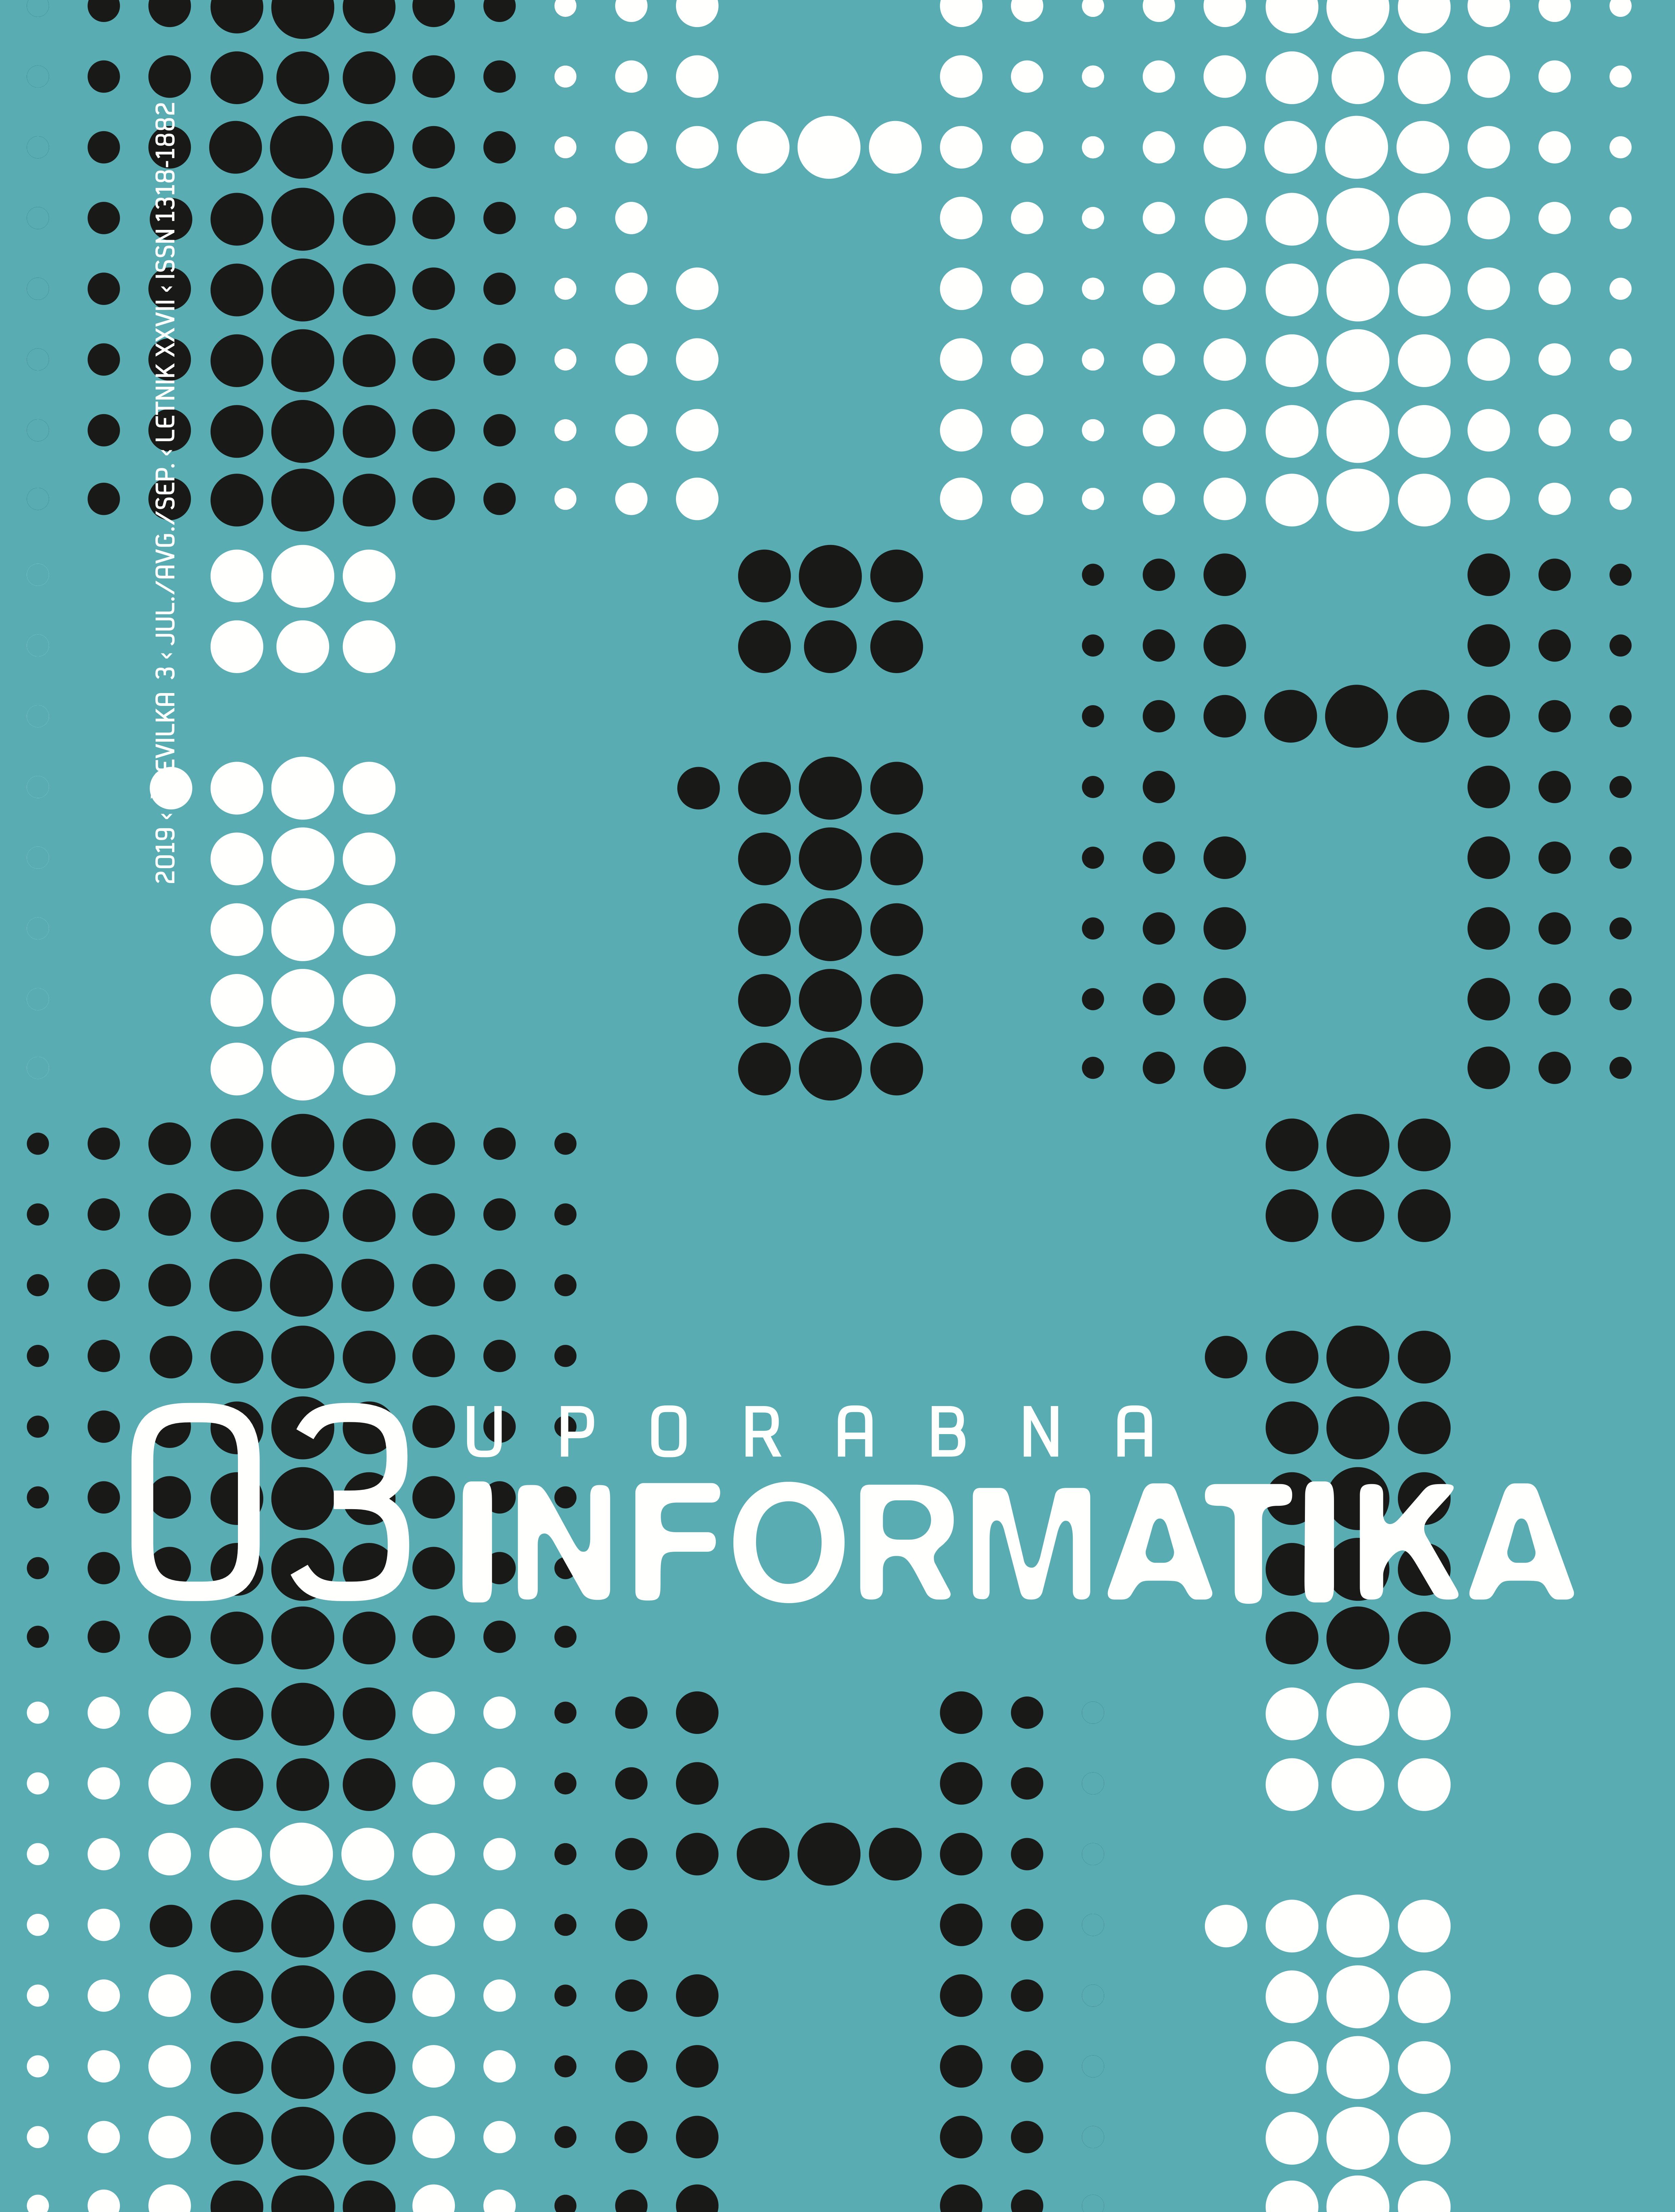 Poglej Letn. 27 Št. 3 (2019): Uporabna informatika